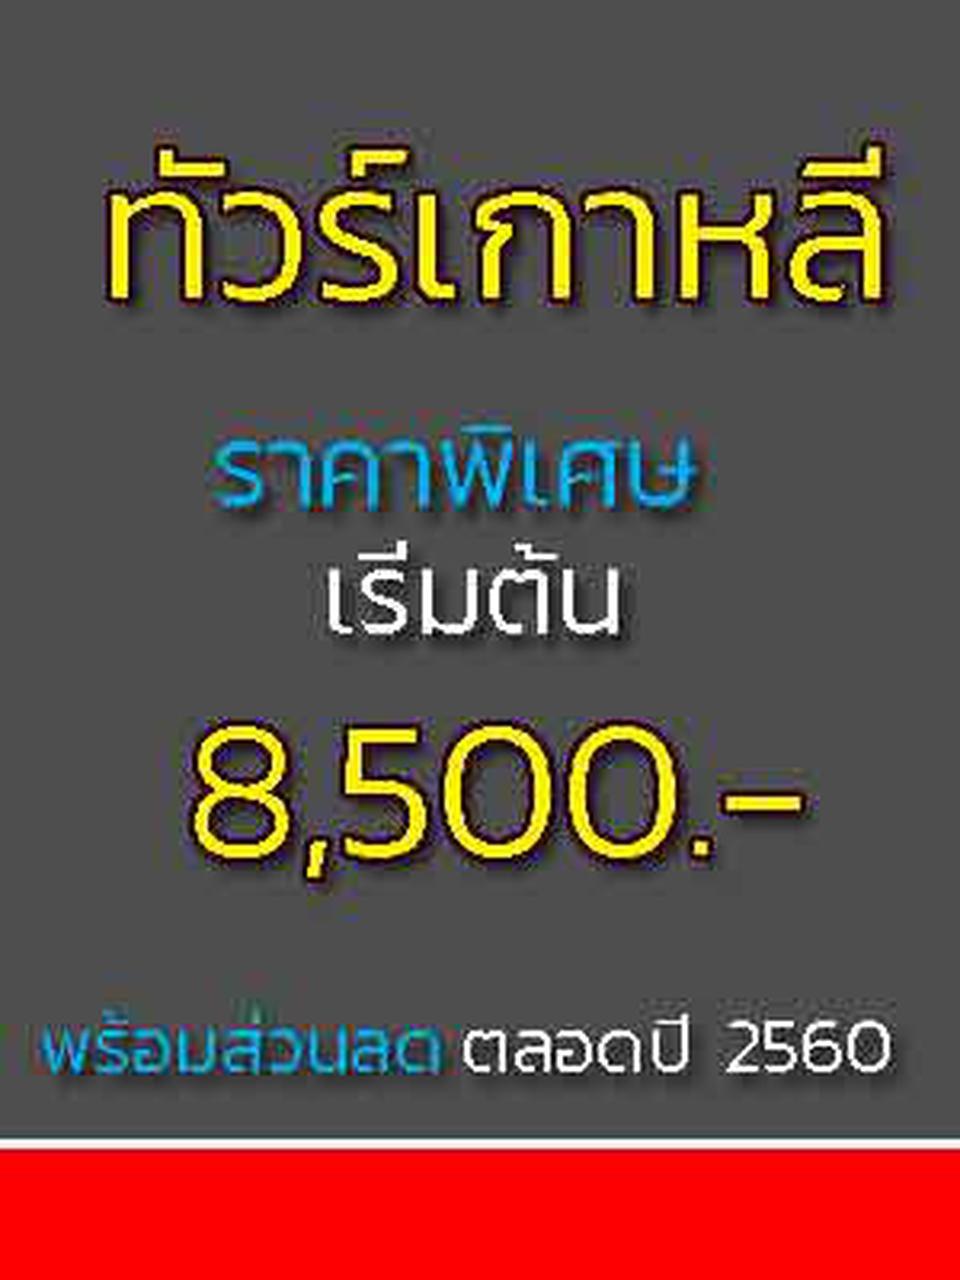 ทัวร์เกาหลี โซล 5 วัน 3 คืน ราคา 8500 บาท รูปที่ 1